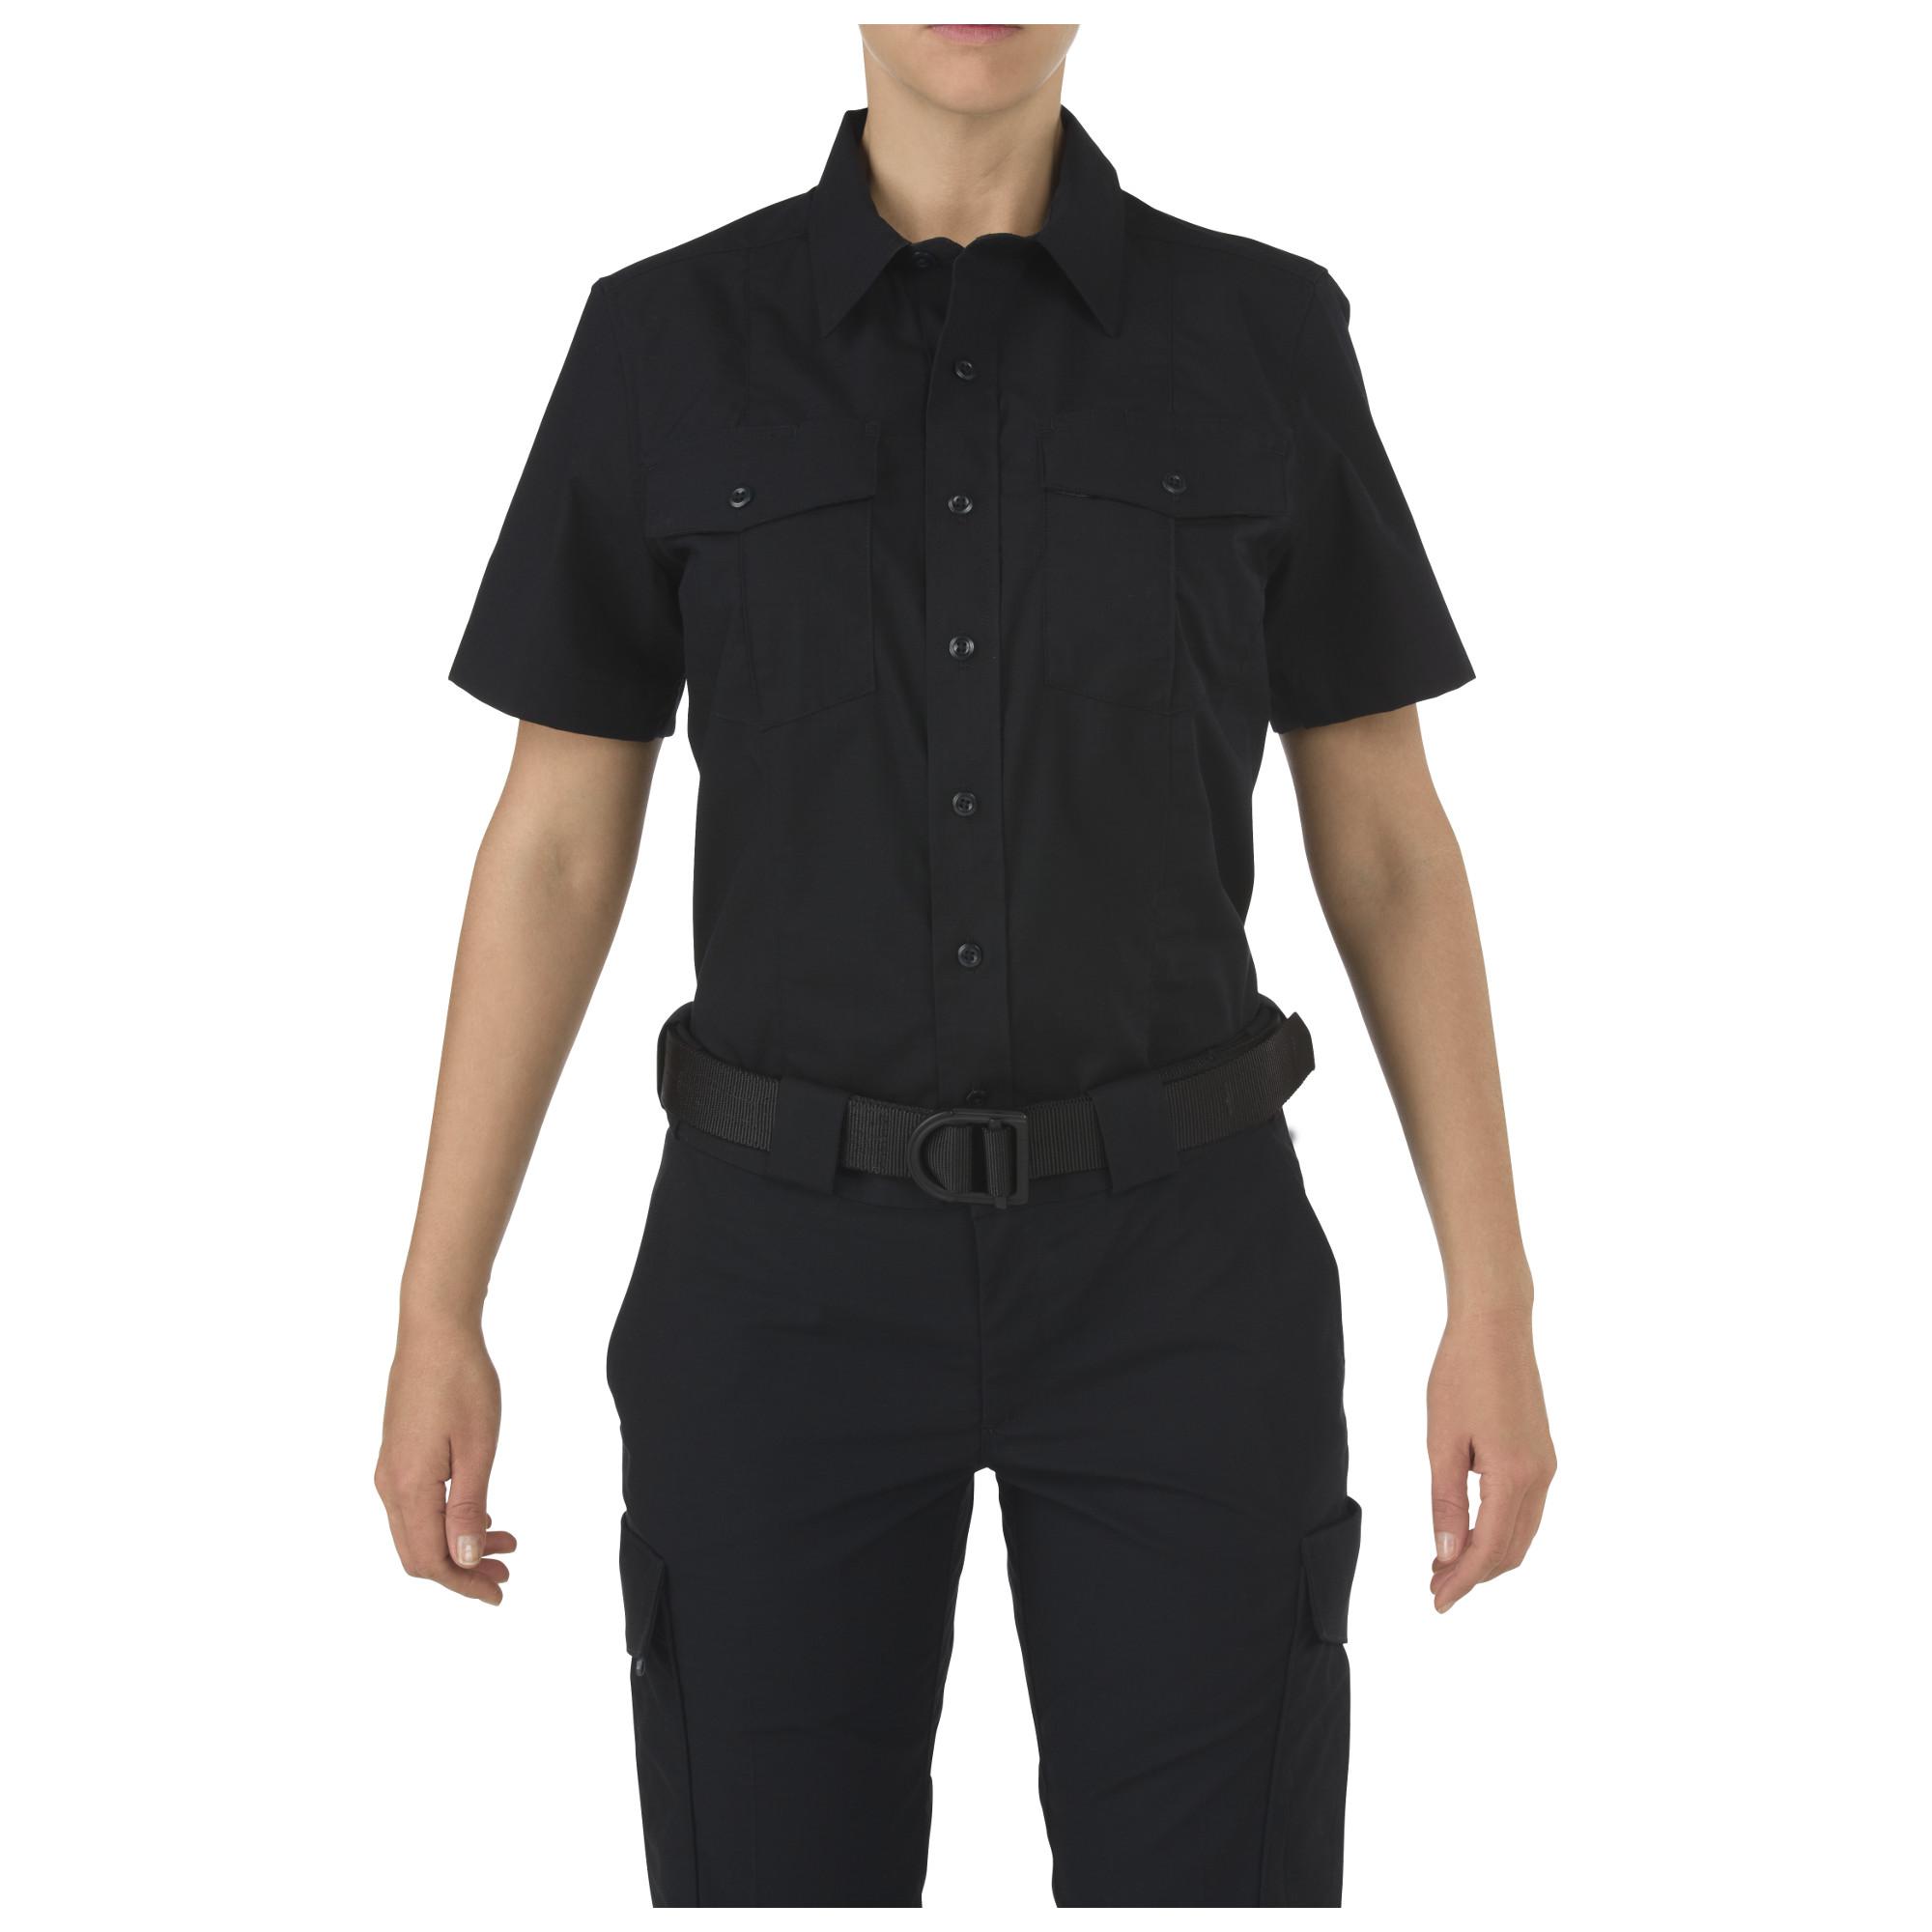 Women's 5.11 Stryke™ Class-B Pdu® Short Sleeve Shirt-